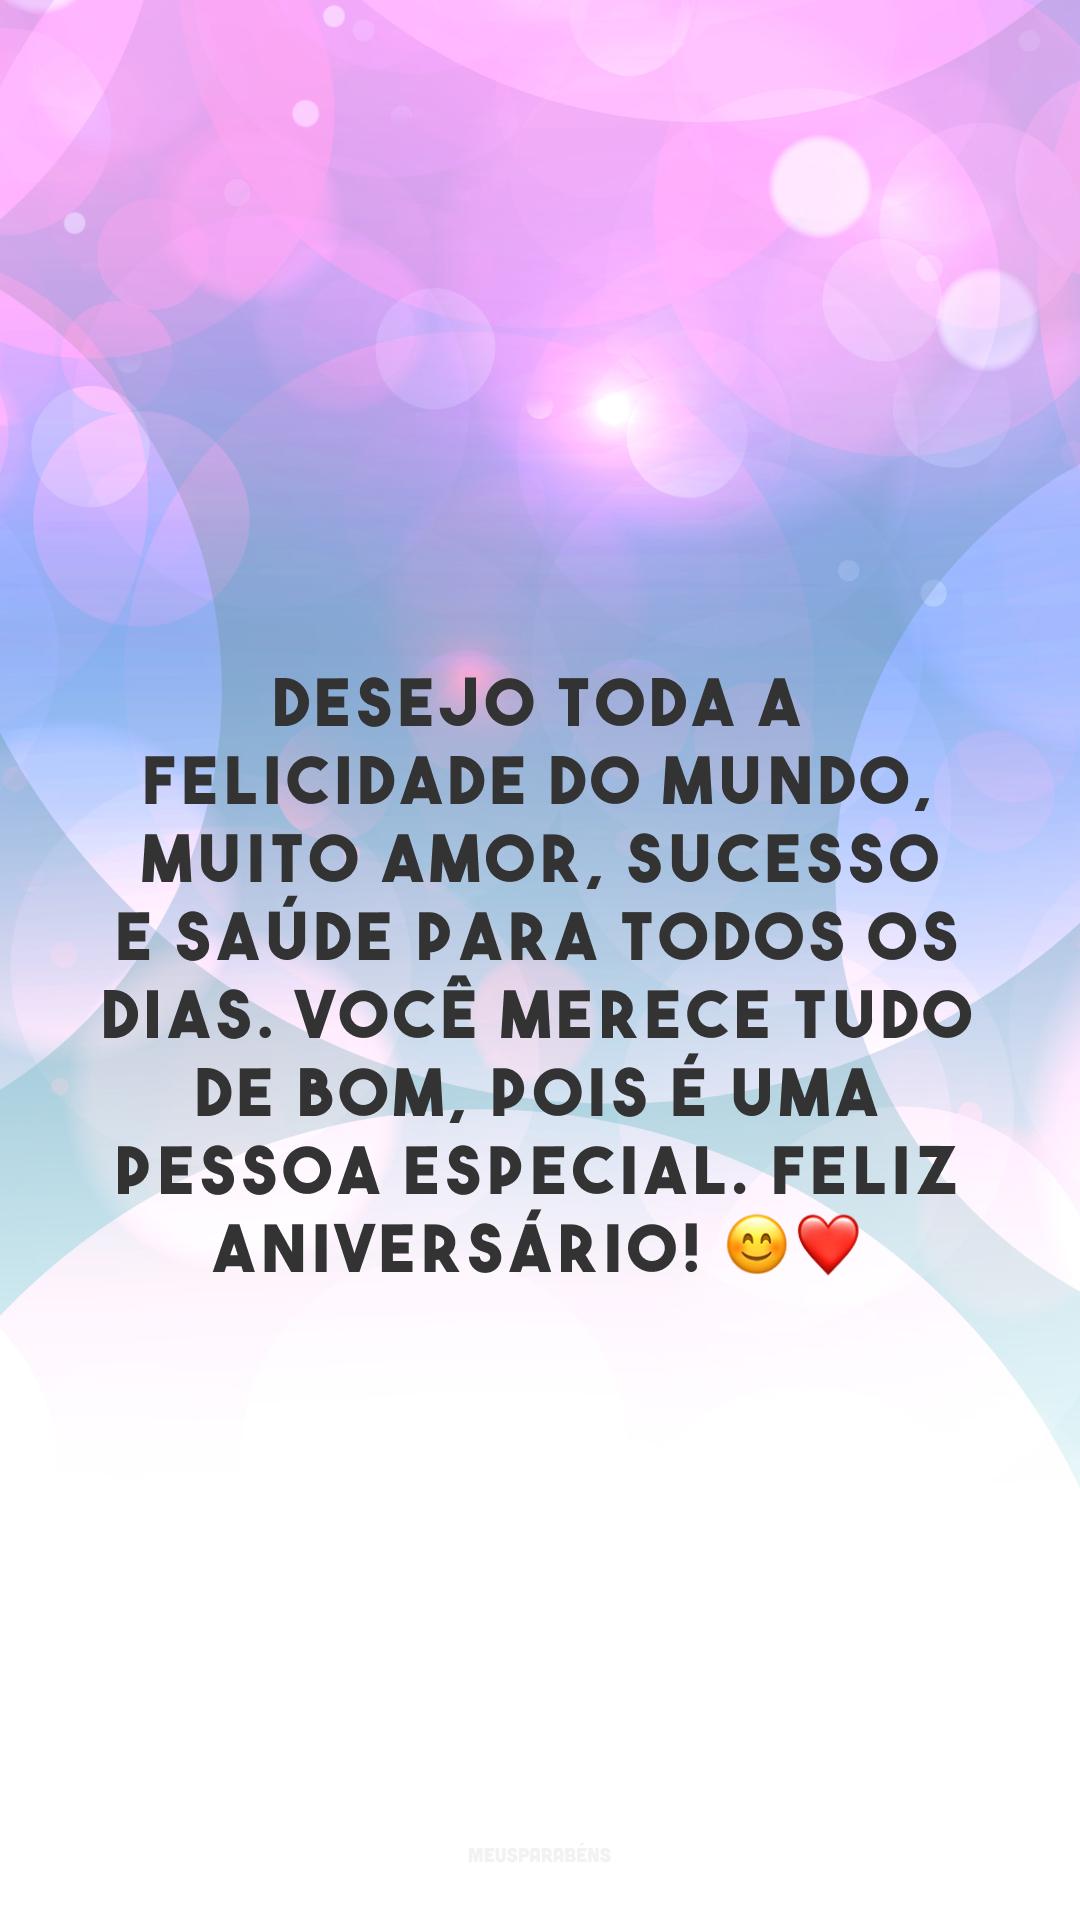 Desejo toda a felicidade do mundo, muito amor, sucesso e saúde para todos os dias. Você merece tudo de bom, pois é uma pessoa especial. Feliz aniversário! 😊❤️